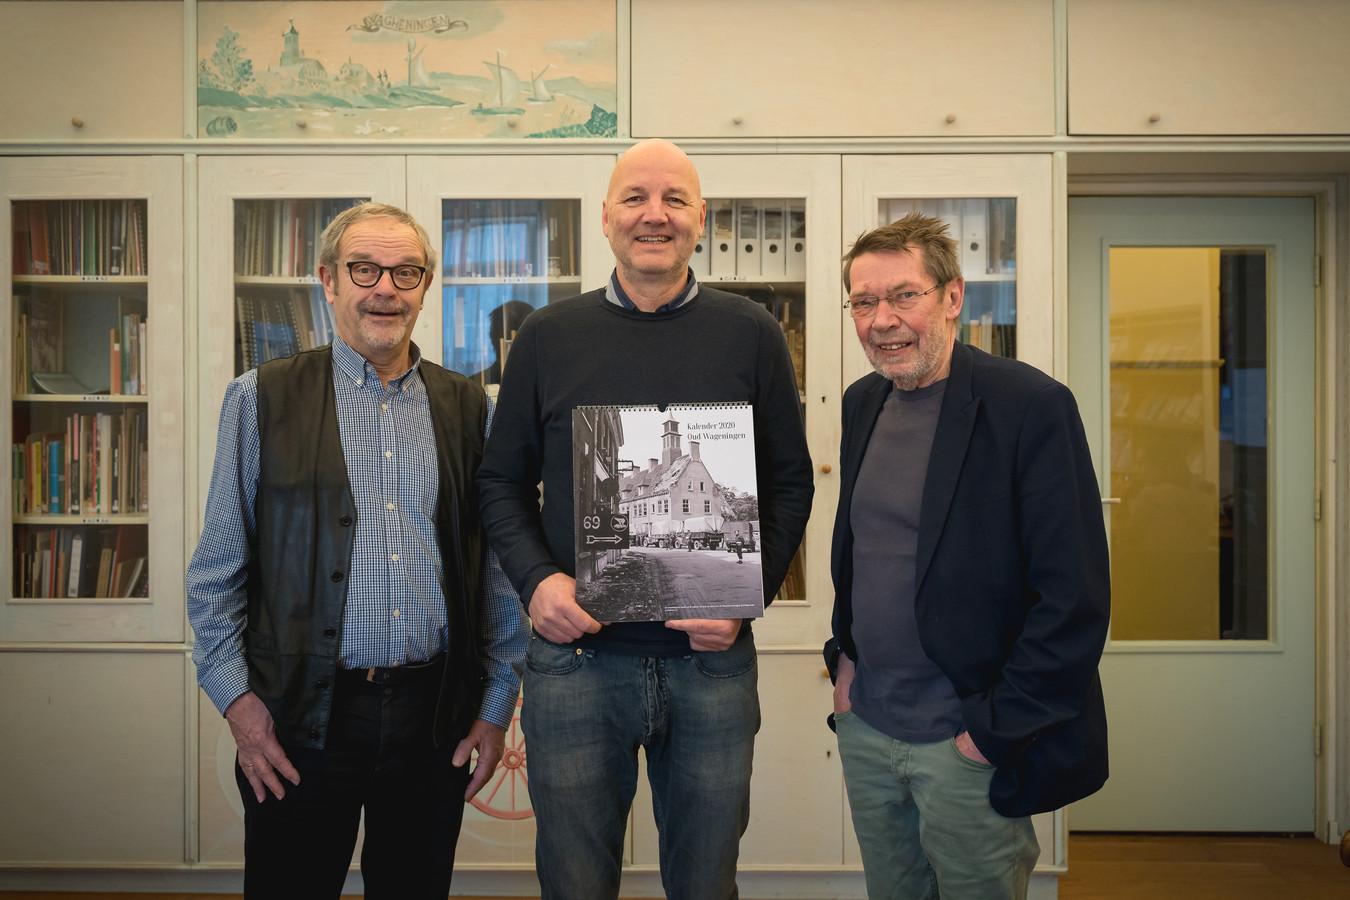 Aldert Onbelet (midden) met de nieuwe kalender van Wageningen.